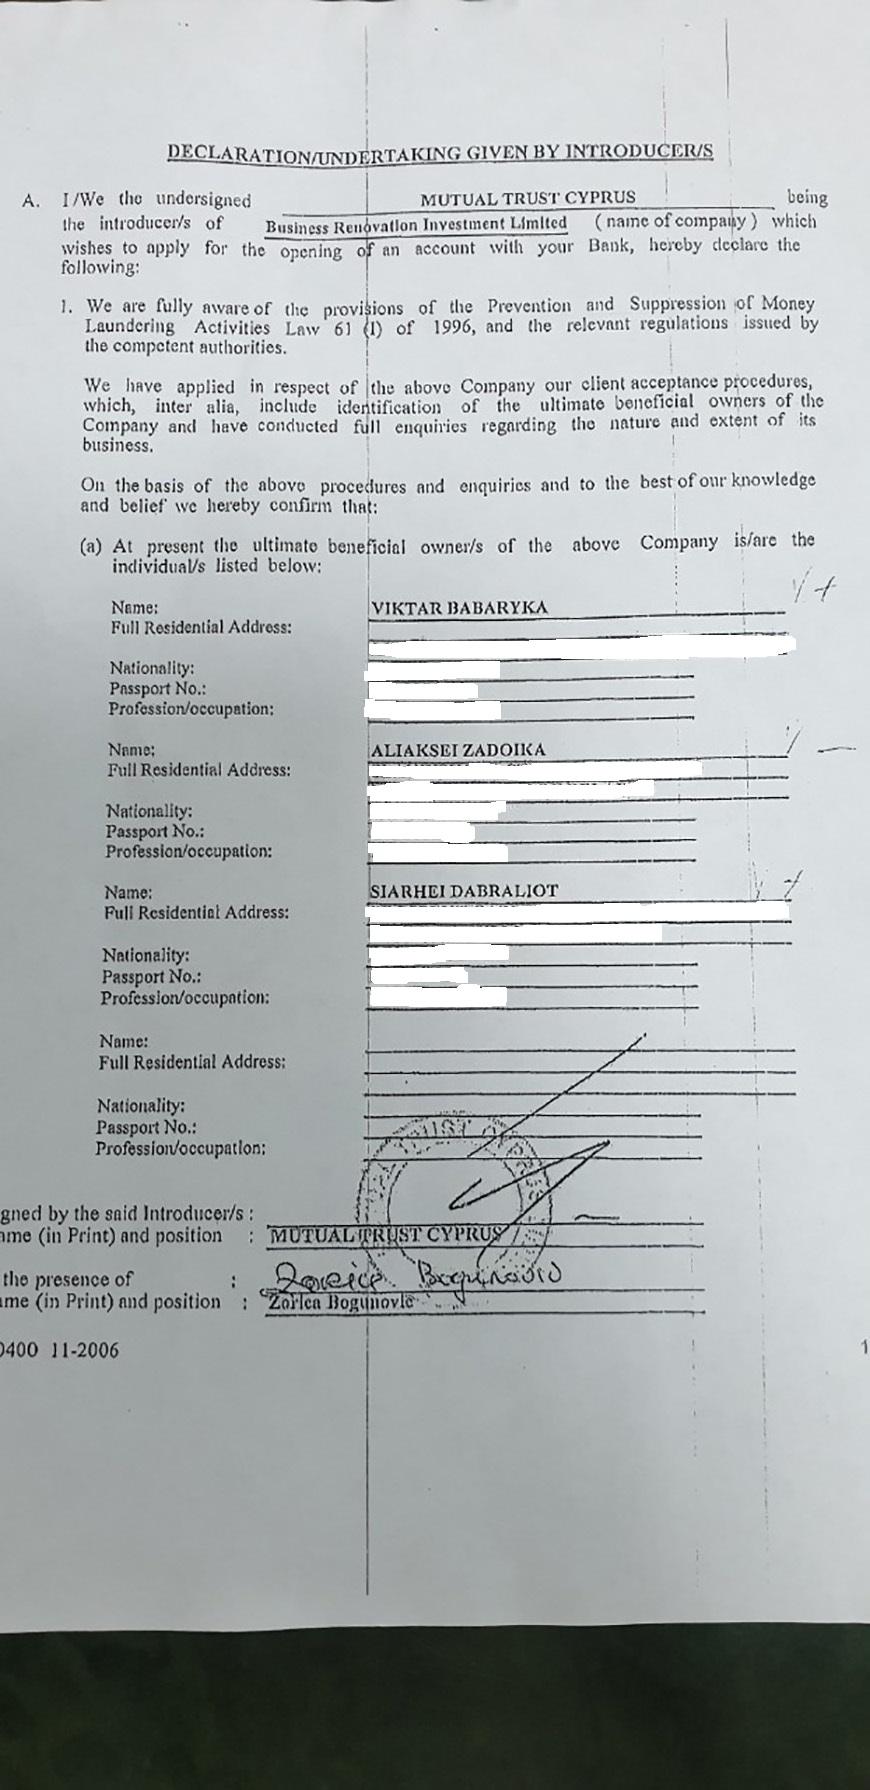 В ходе брифинга в КГК продемонстрировали документы, в том числе декларацию о бенефициарных собственниках компании, свидетельствующие о возможной противоправной деятельности, причастности фигурантов к оффшорам. Некоторые из документов были восстановлены специалистами с уничтоженных дисков.